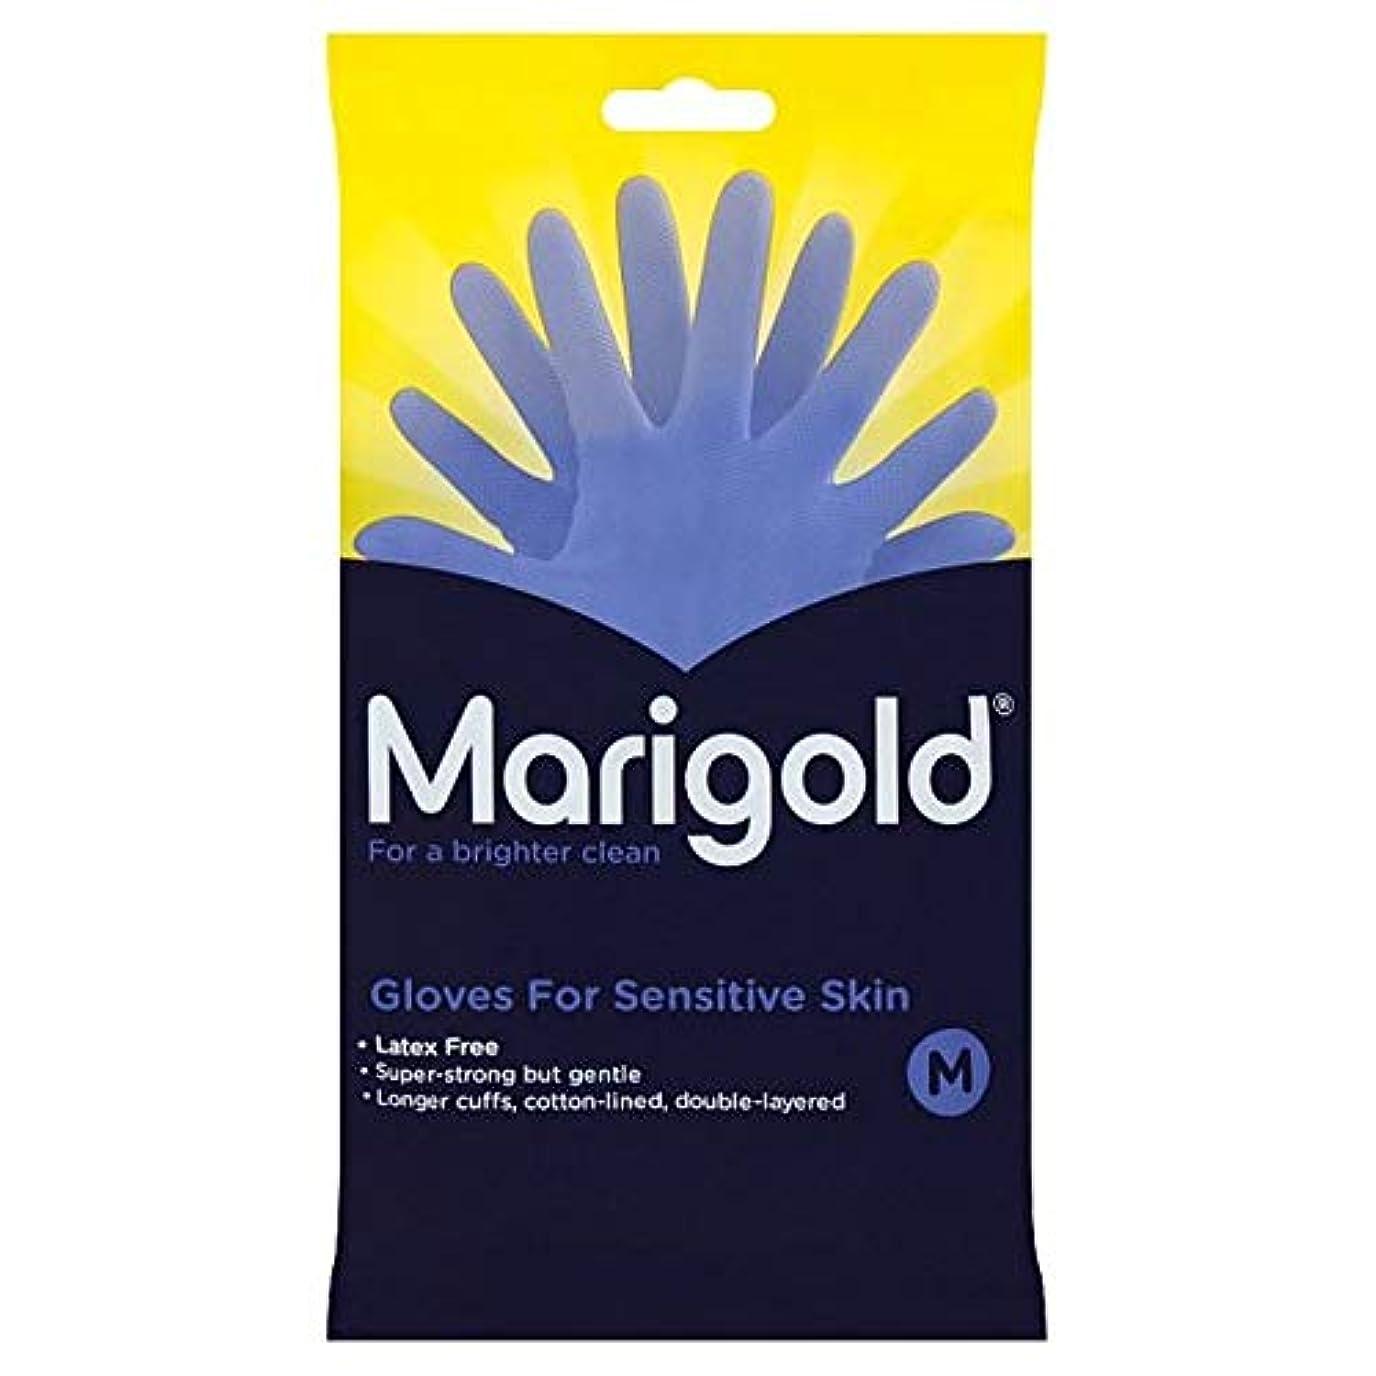 抵抗力があるスマッシュ同一性[Marigold] マリーゴールド敏感手袋媒体1ペア - Marigold Sensitive Gloves Medium 1 Pair [並行輸入品]